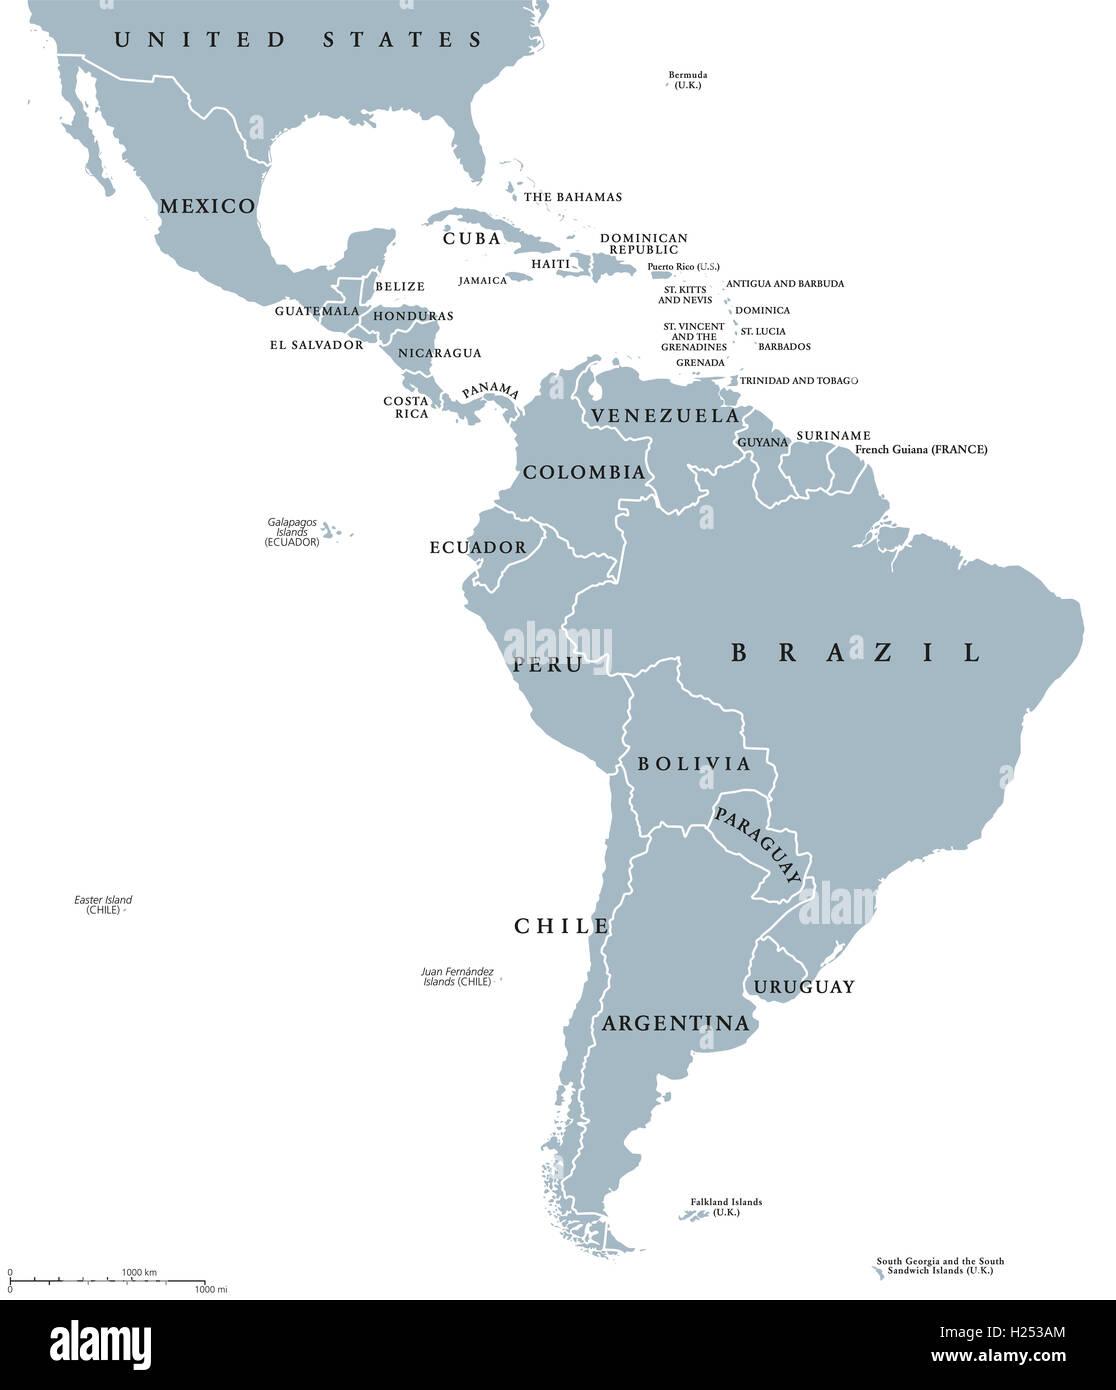 Lateinamerika Karte Länder.Lateinamerika Ländern Politische Karte Mit Nationalen Grenzen